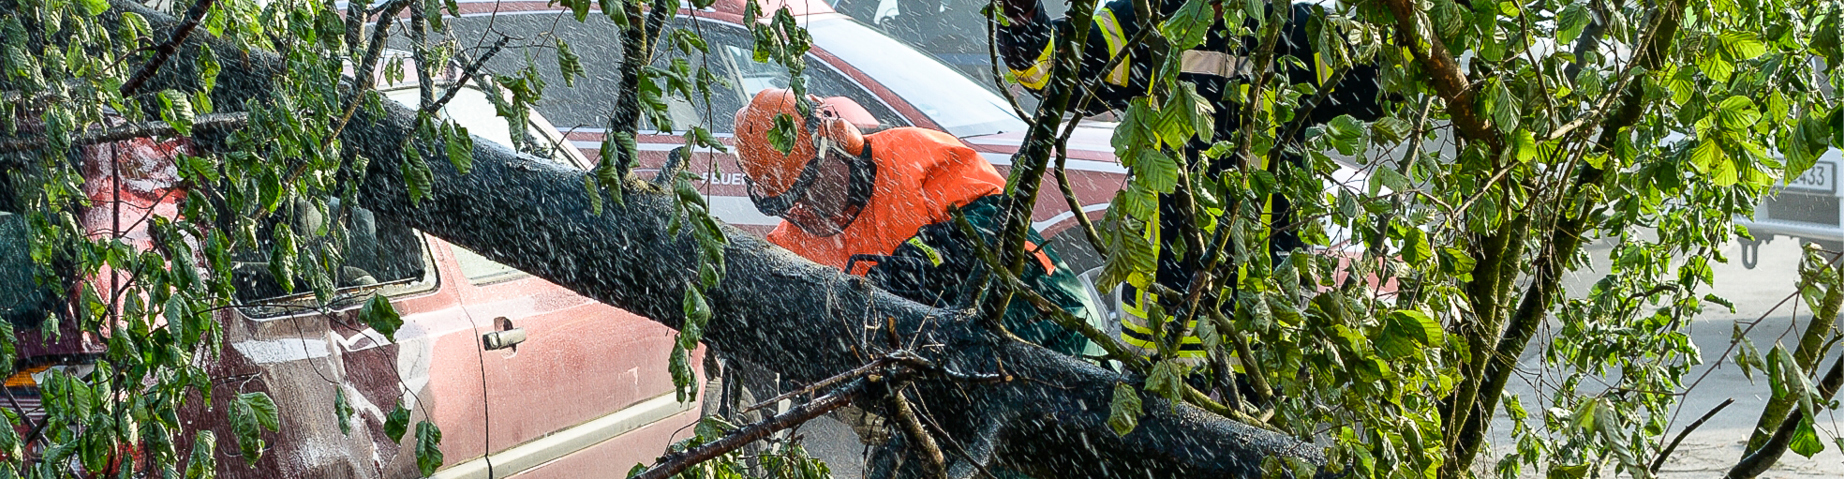 Die Freiwillige Feuerwehr zersägt einen umgefallenen Baum.